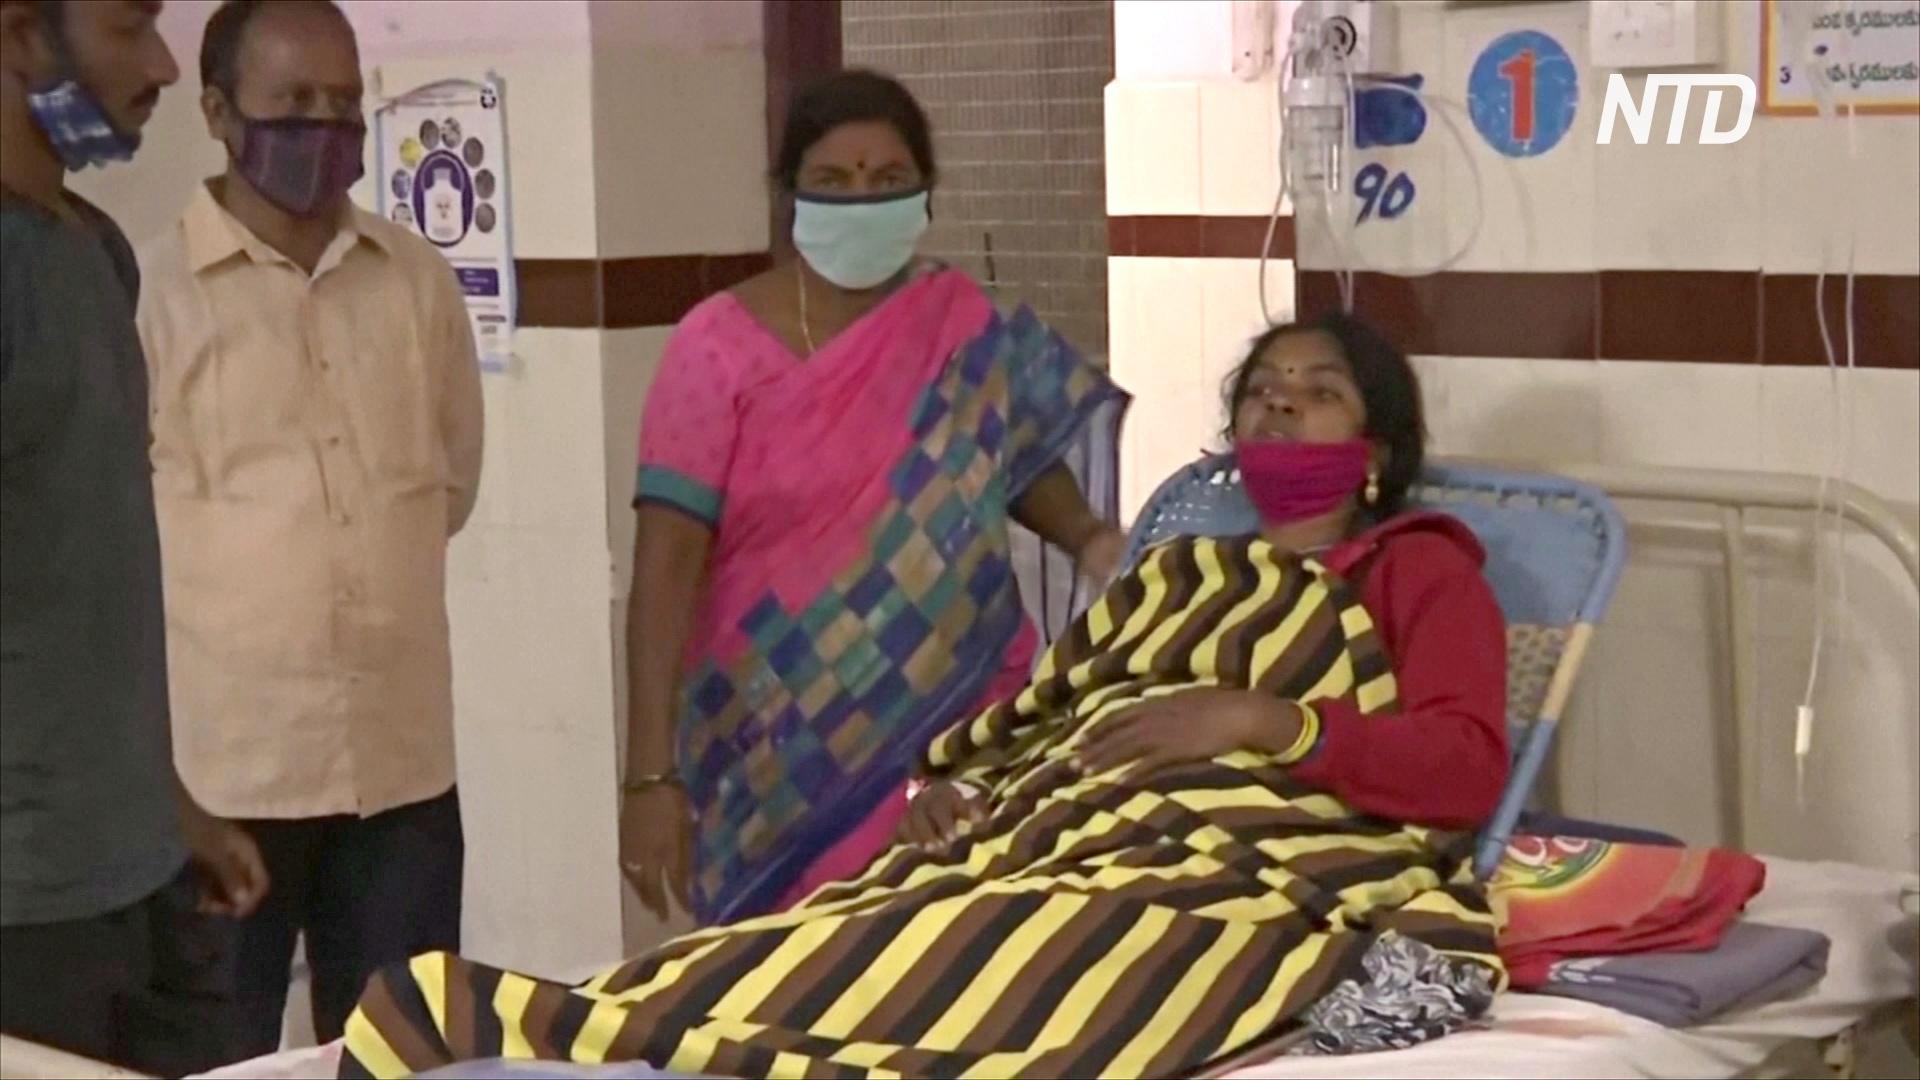 Загадочная болезнь в Индии: люди могли отравиться свинцом